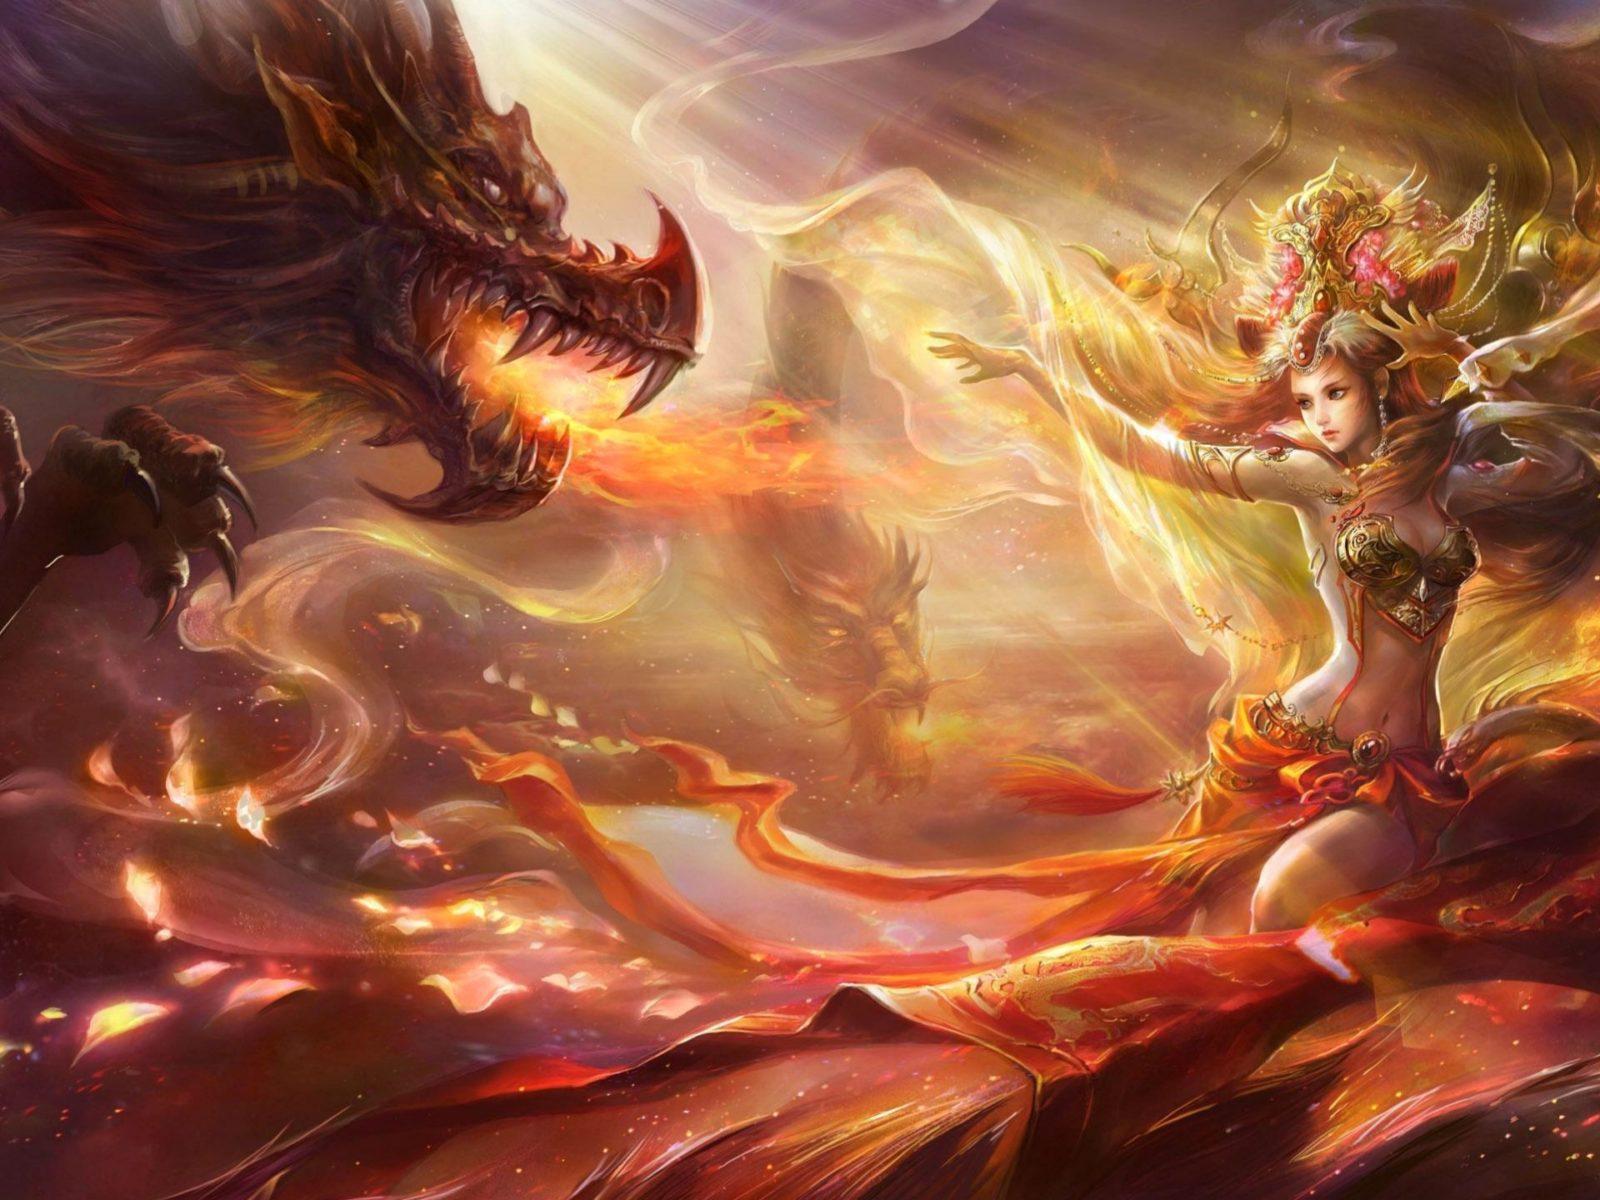 Gothic Anime Girl Wallpaper Dragon Fantasy Art Artwork Wallpaper Background 331511